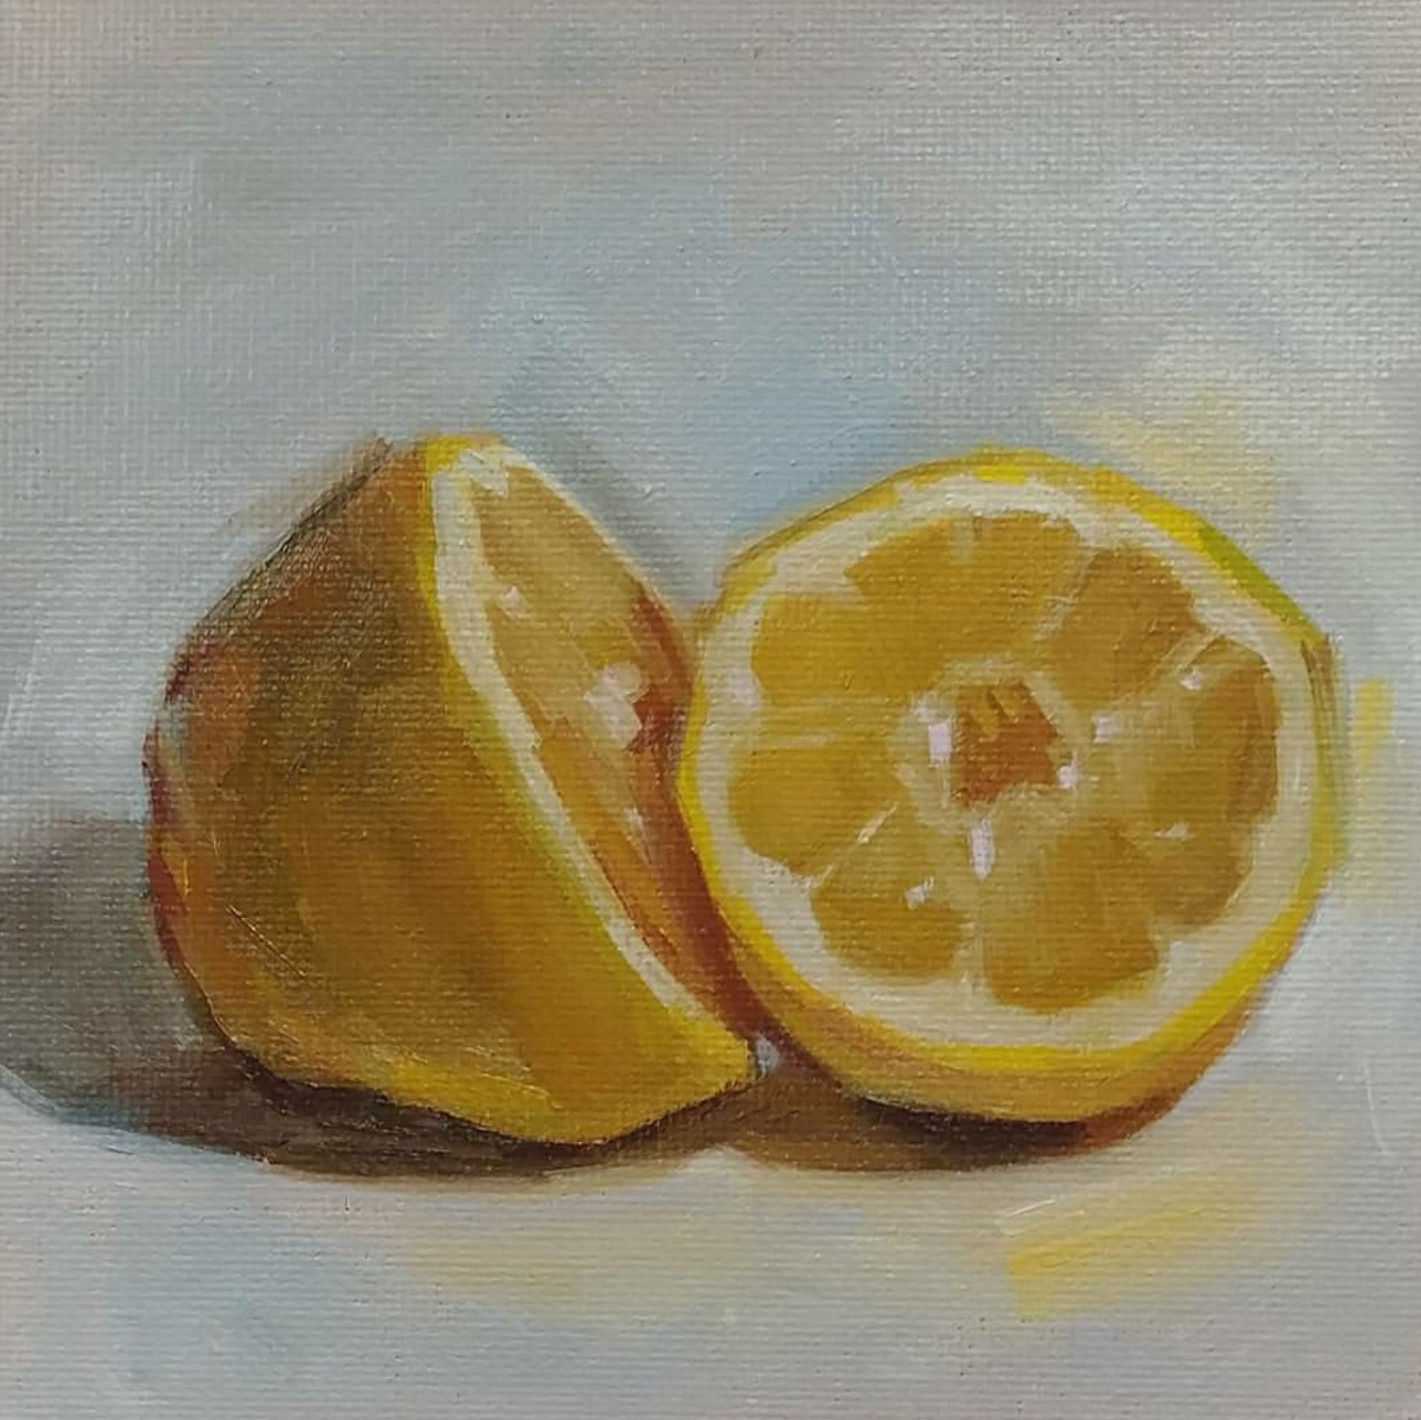 Sliced Lemon, 6x6